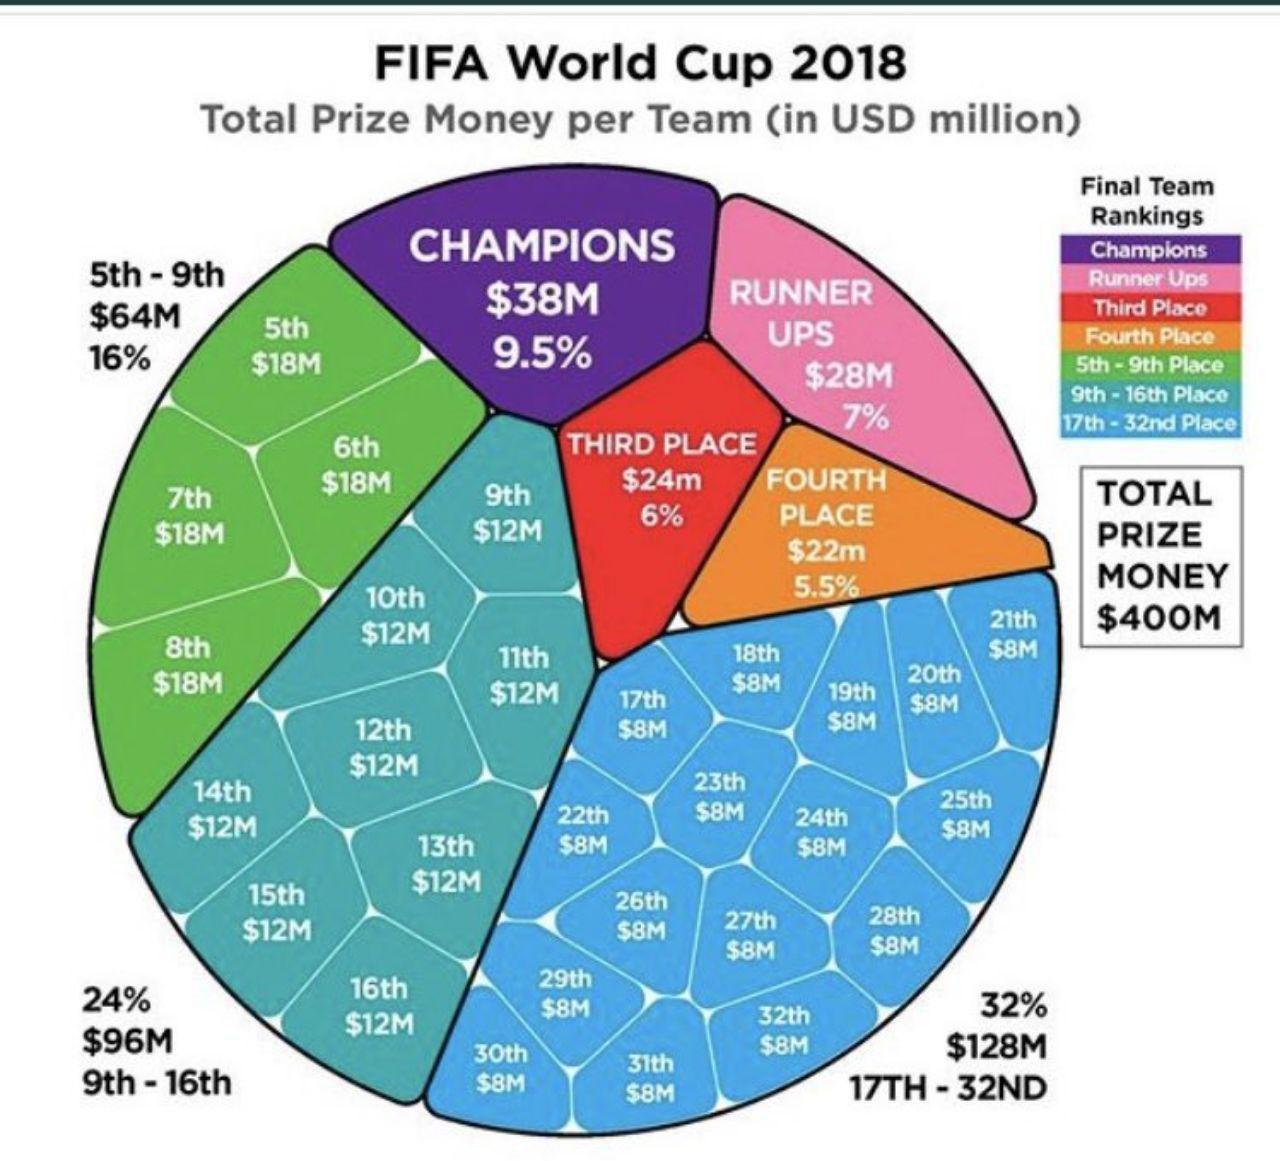 جزییات کامل جوایز فیفا در جام جهانی 2018 ( اینفوگرافیک)